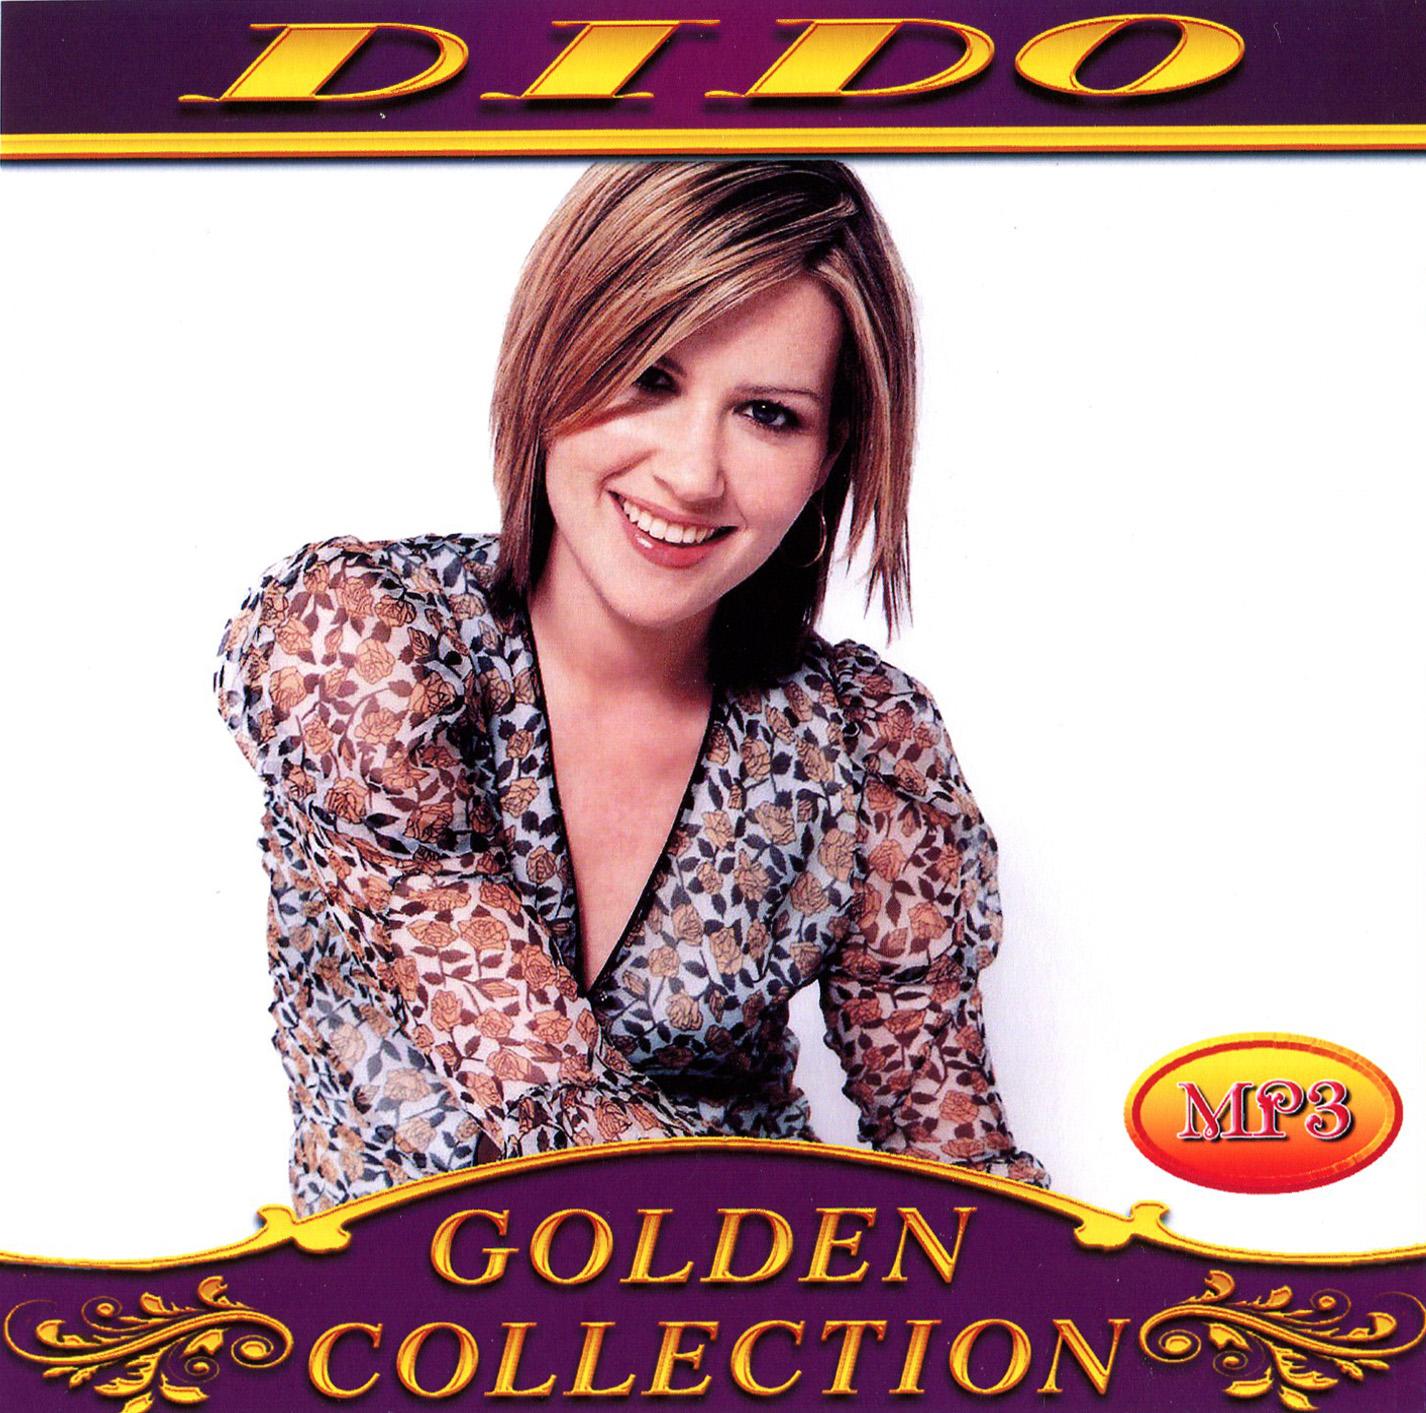 Dido [mp3]